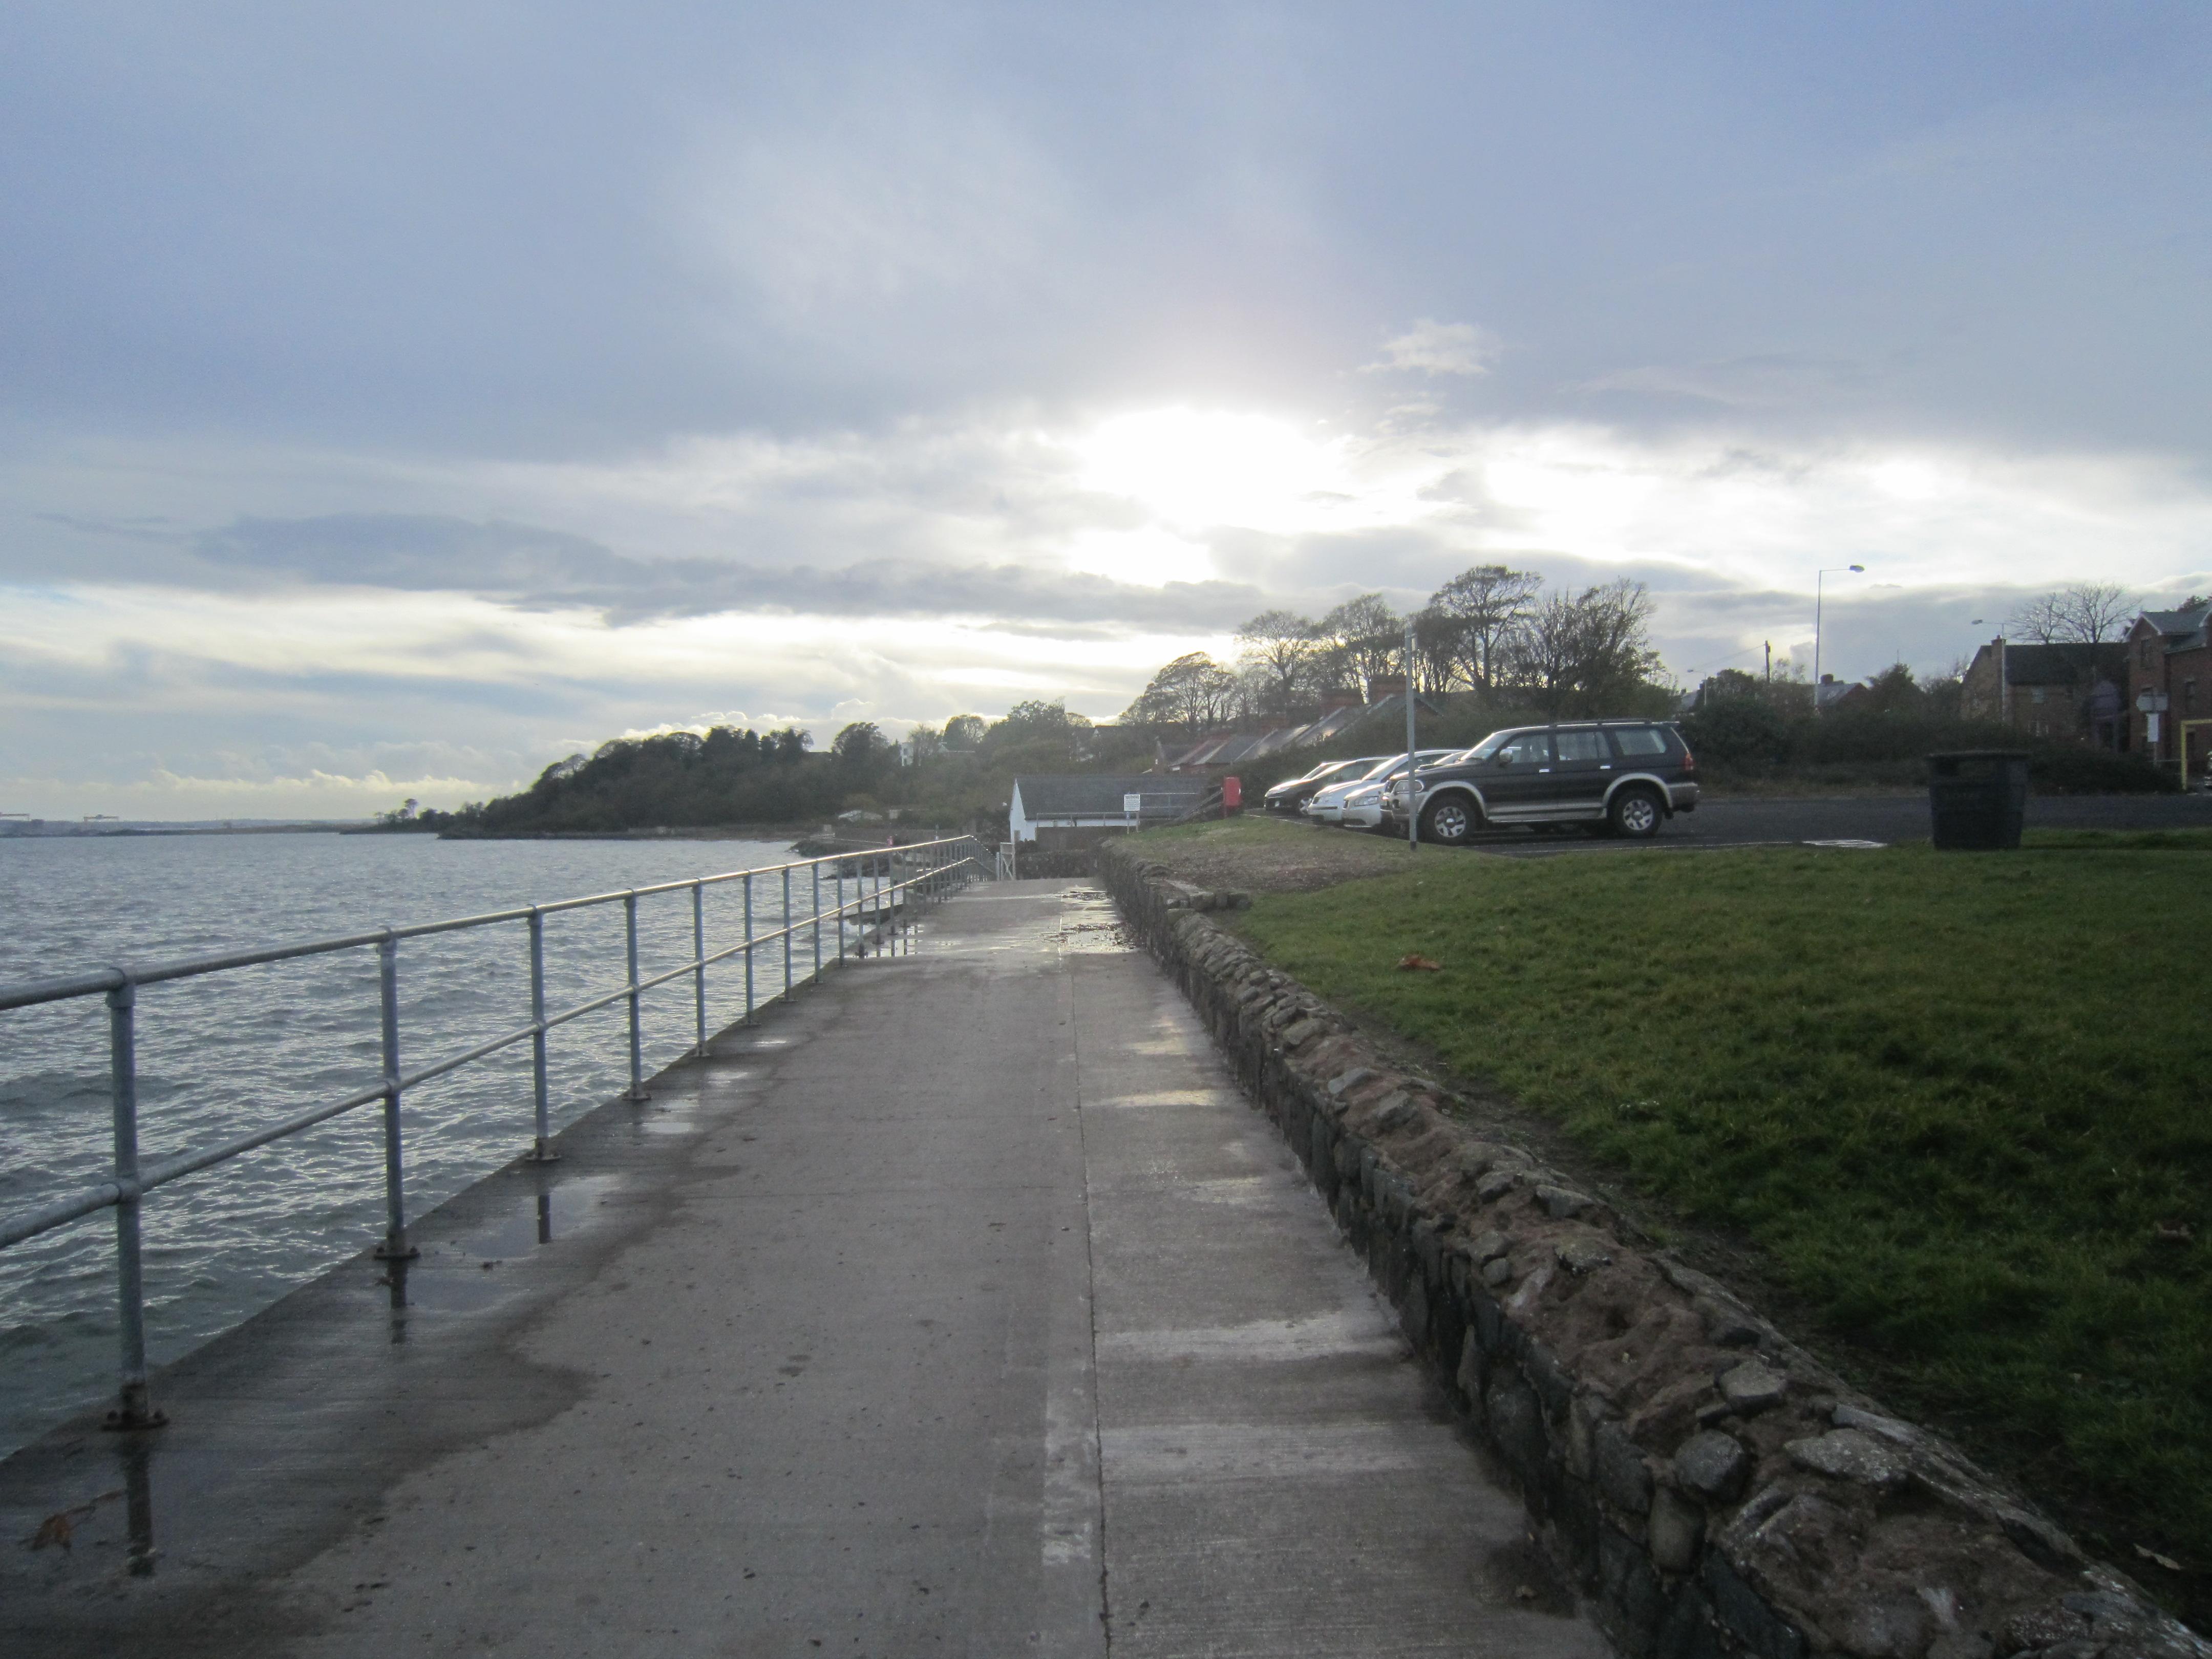 Loughshore park